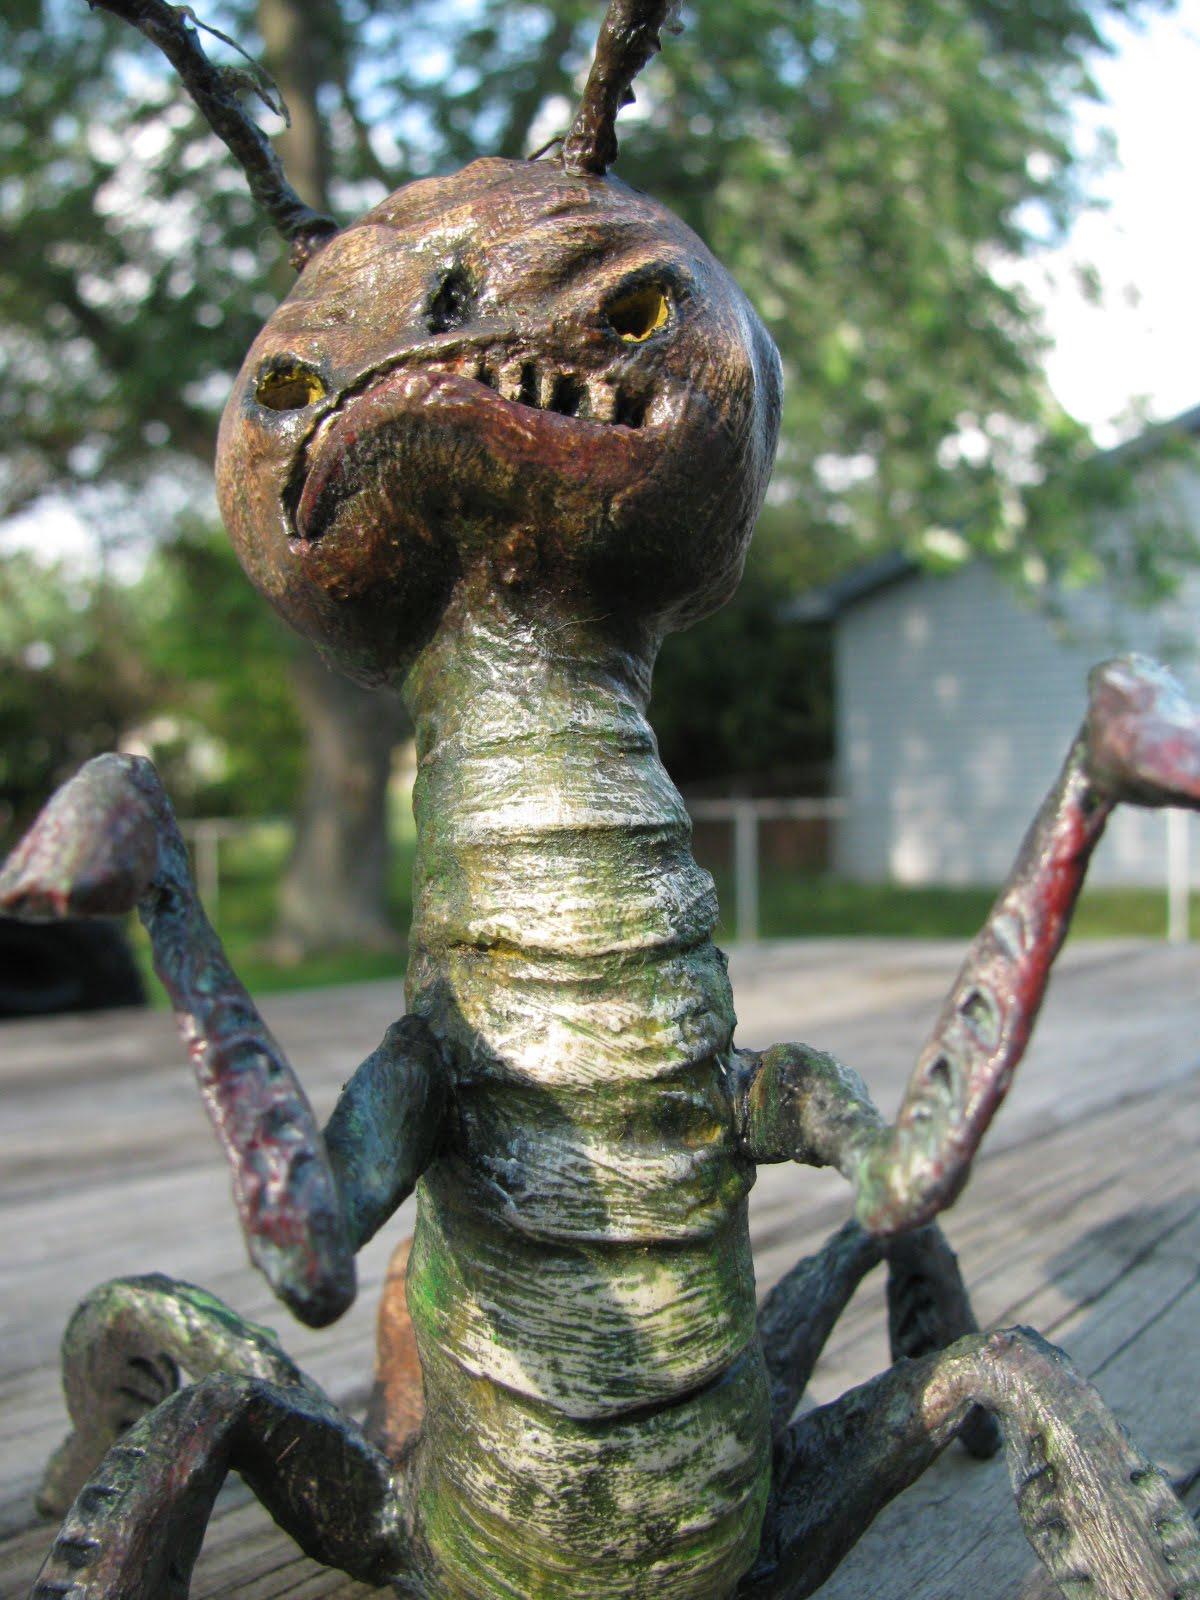 Giant Mantis Monster Giant Mantis Monster Spotted